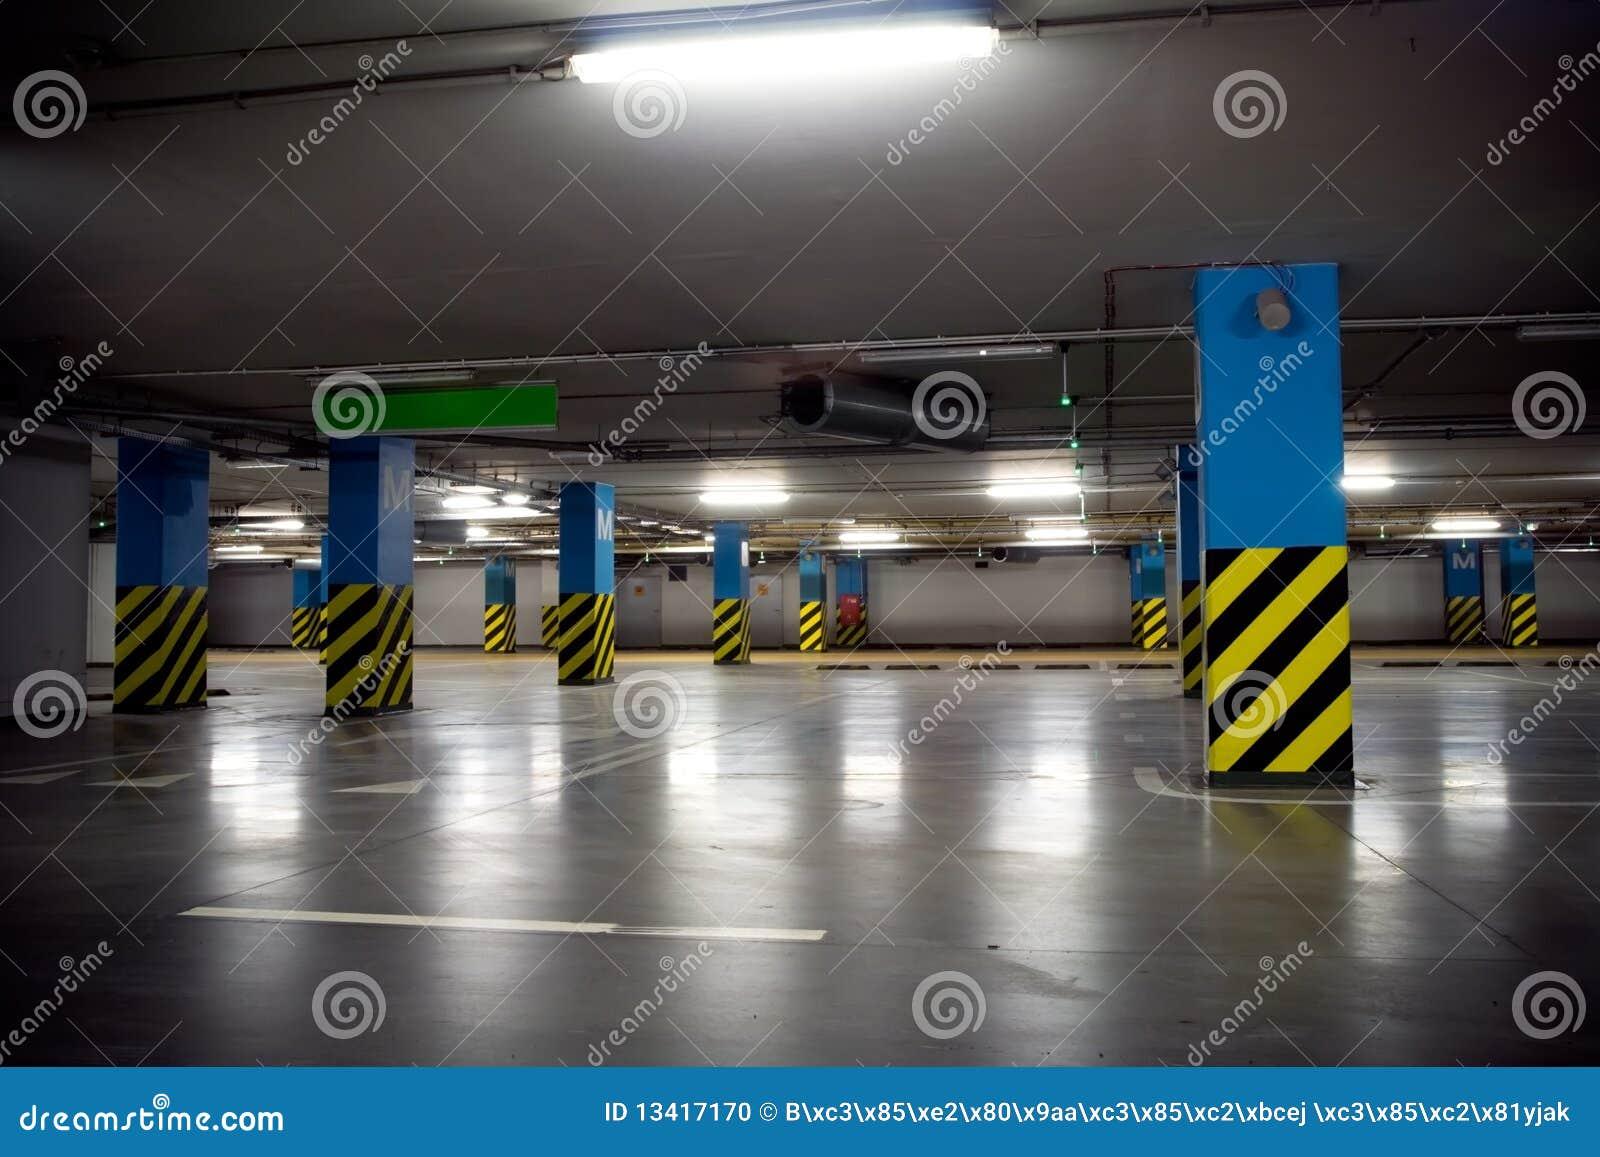 Underground Parking Garage Interior Stock Photo - Image of ...